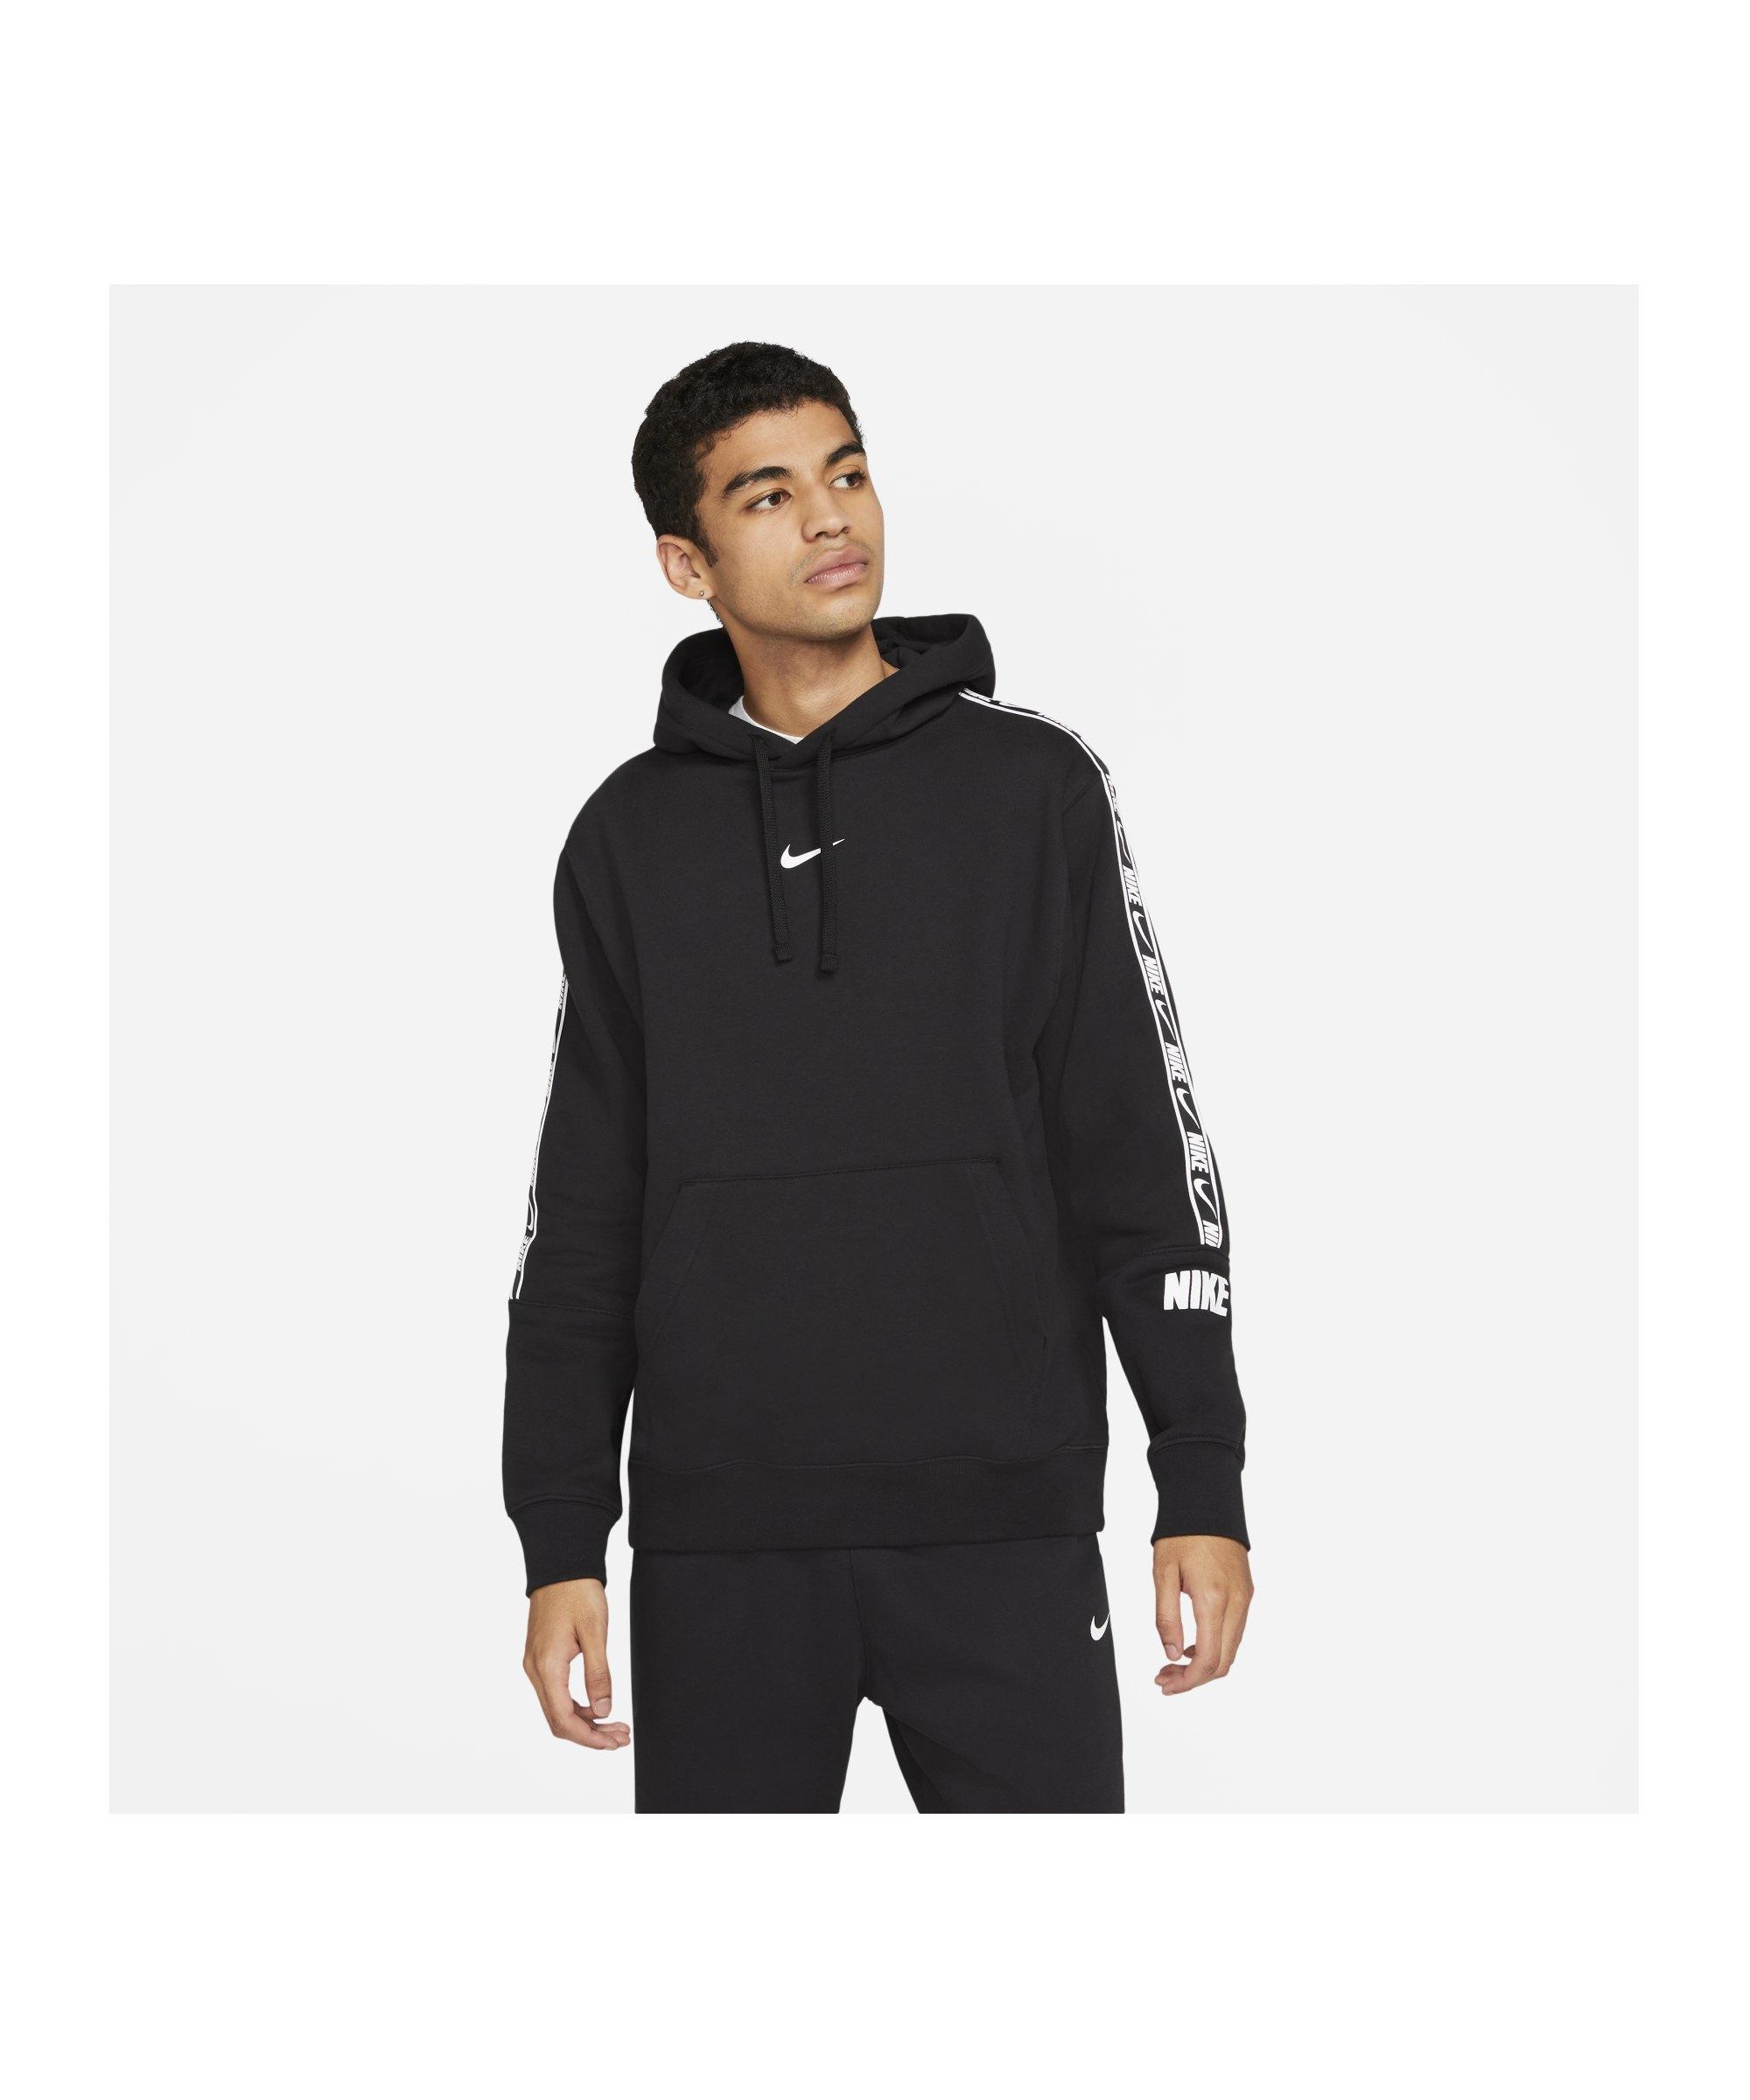 Nike Repeat Fleece Hoody Schwarz F011 - schwarz